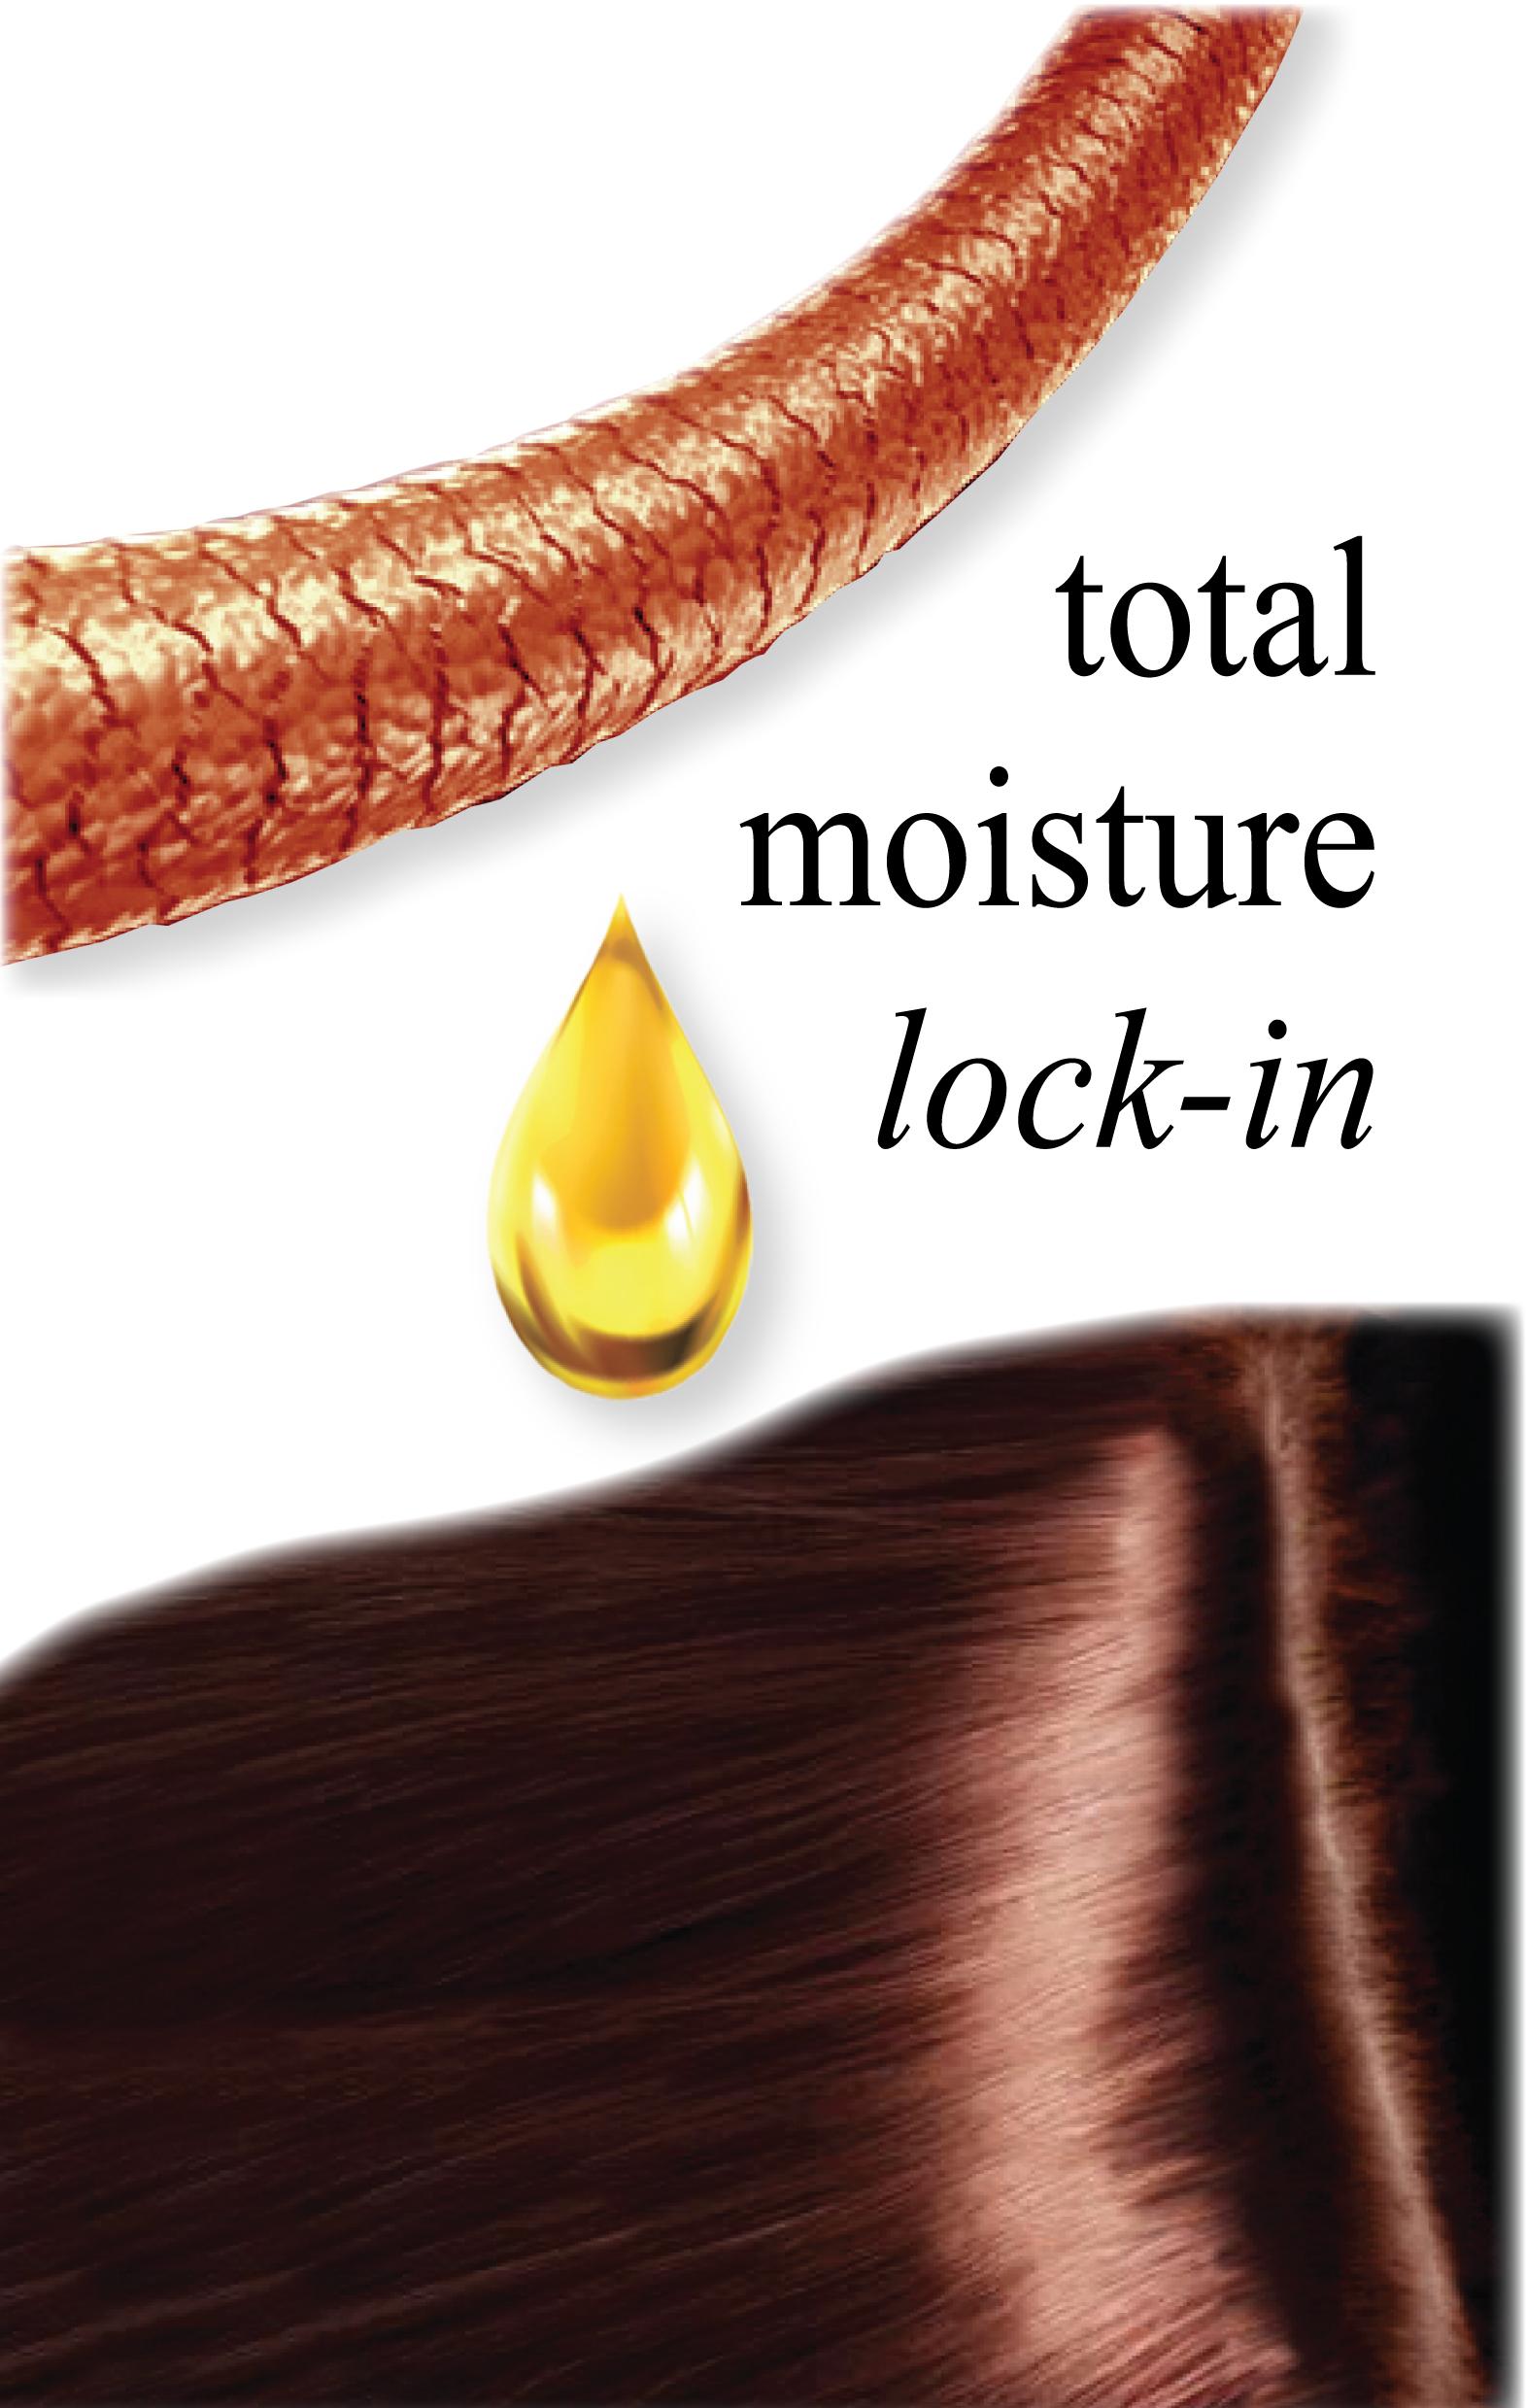 Moisture lock in poster.jpg